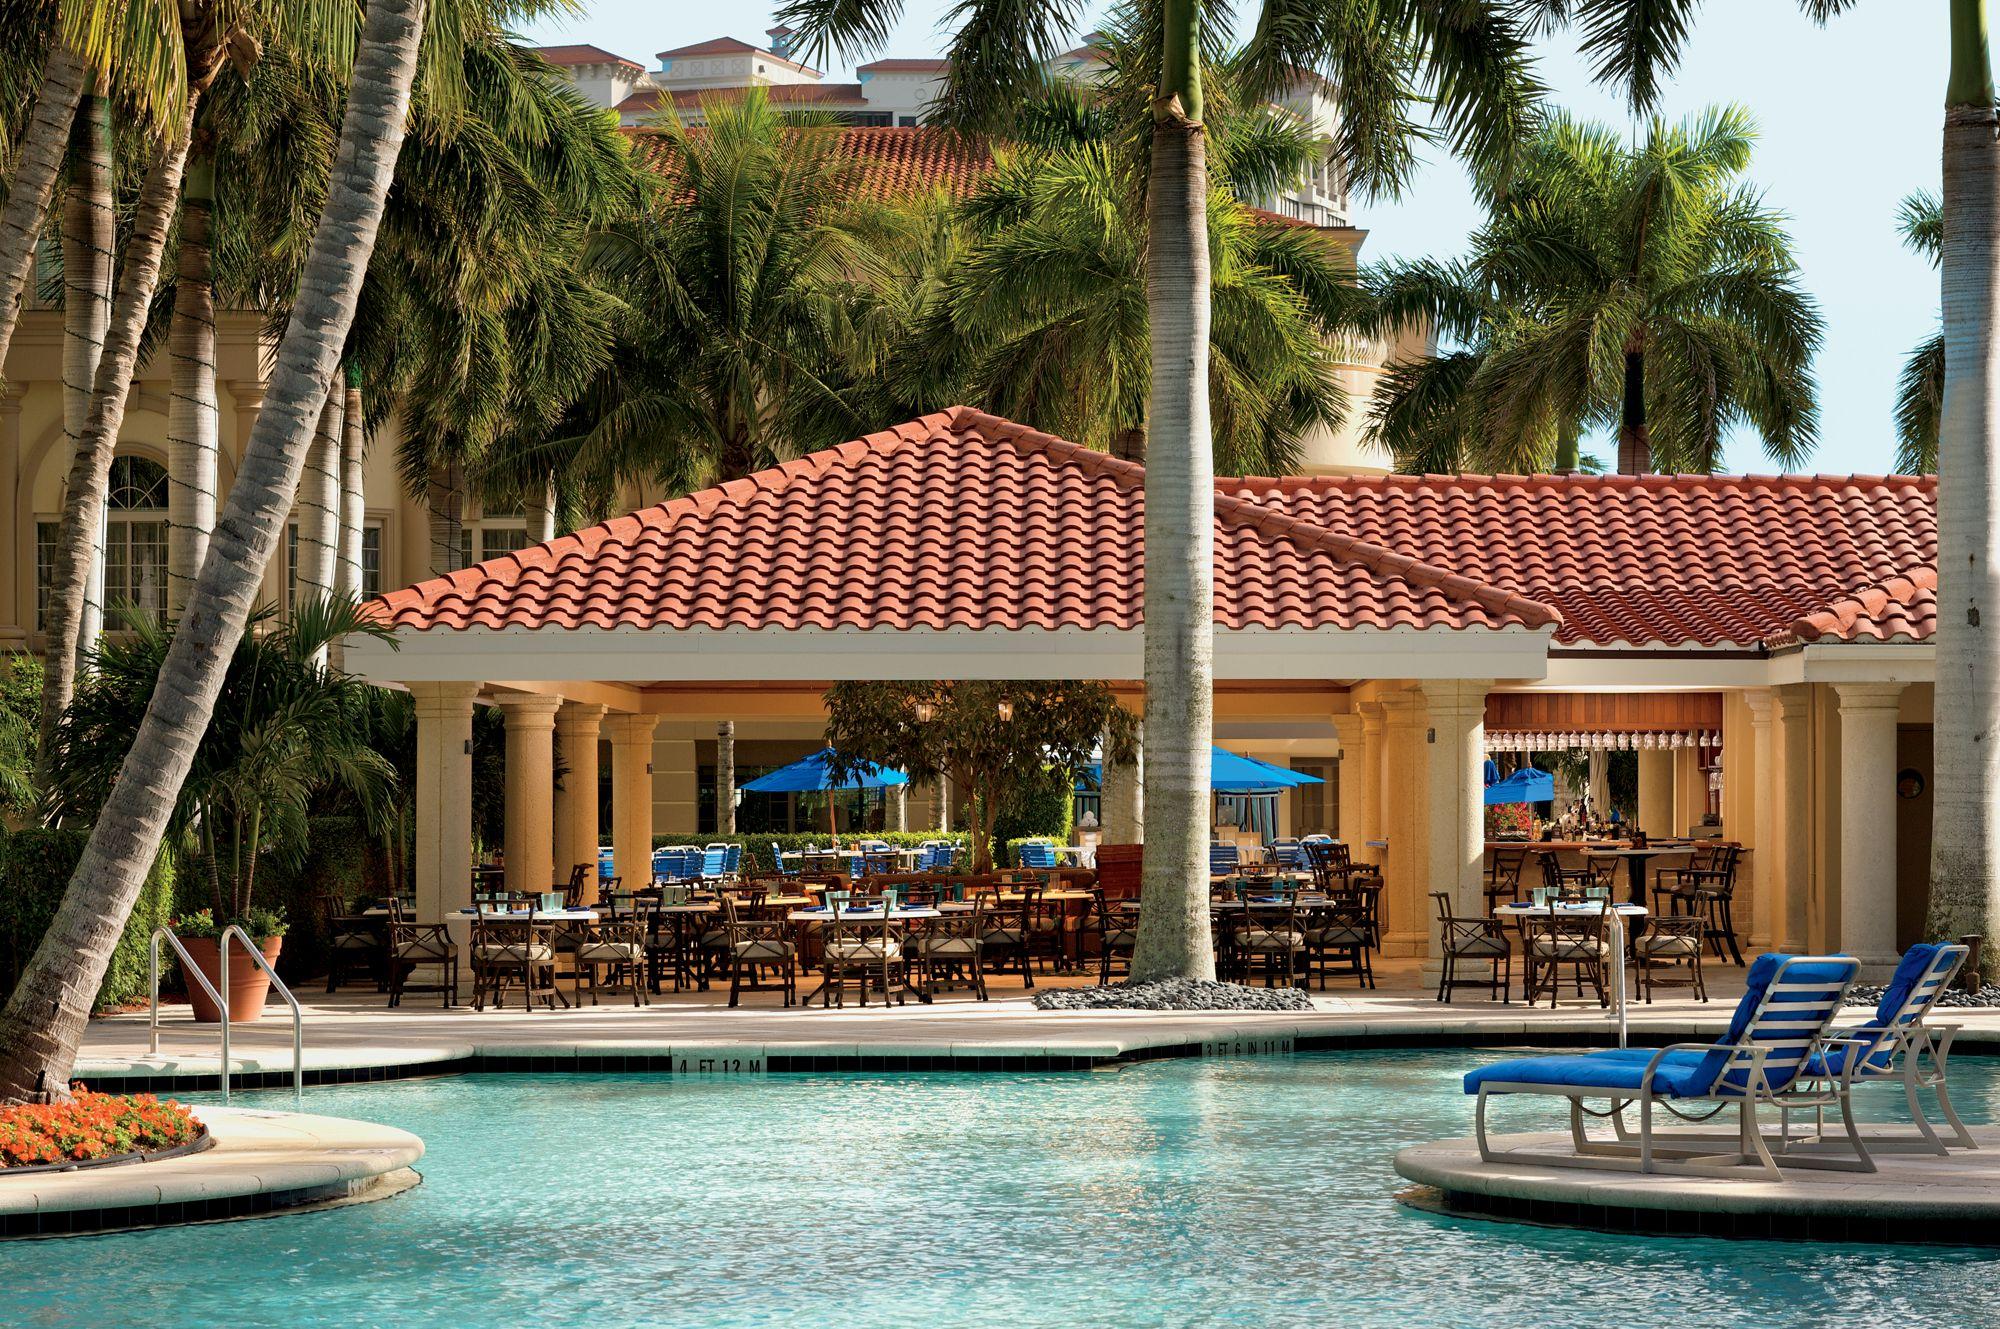 The Poolside Café Ritz Carlton